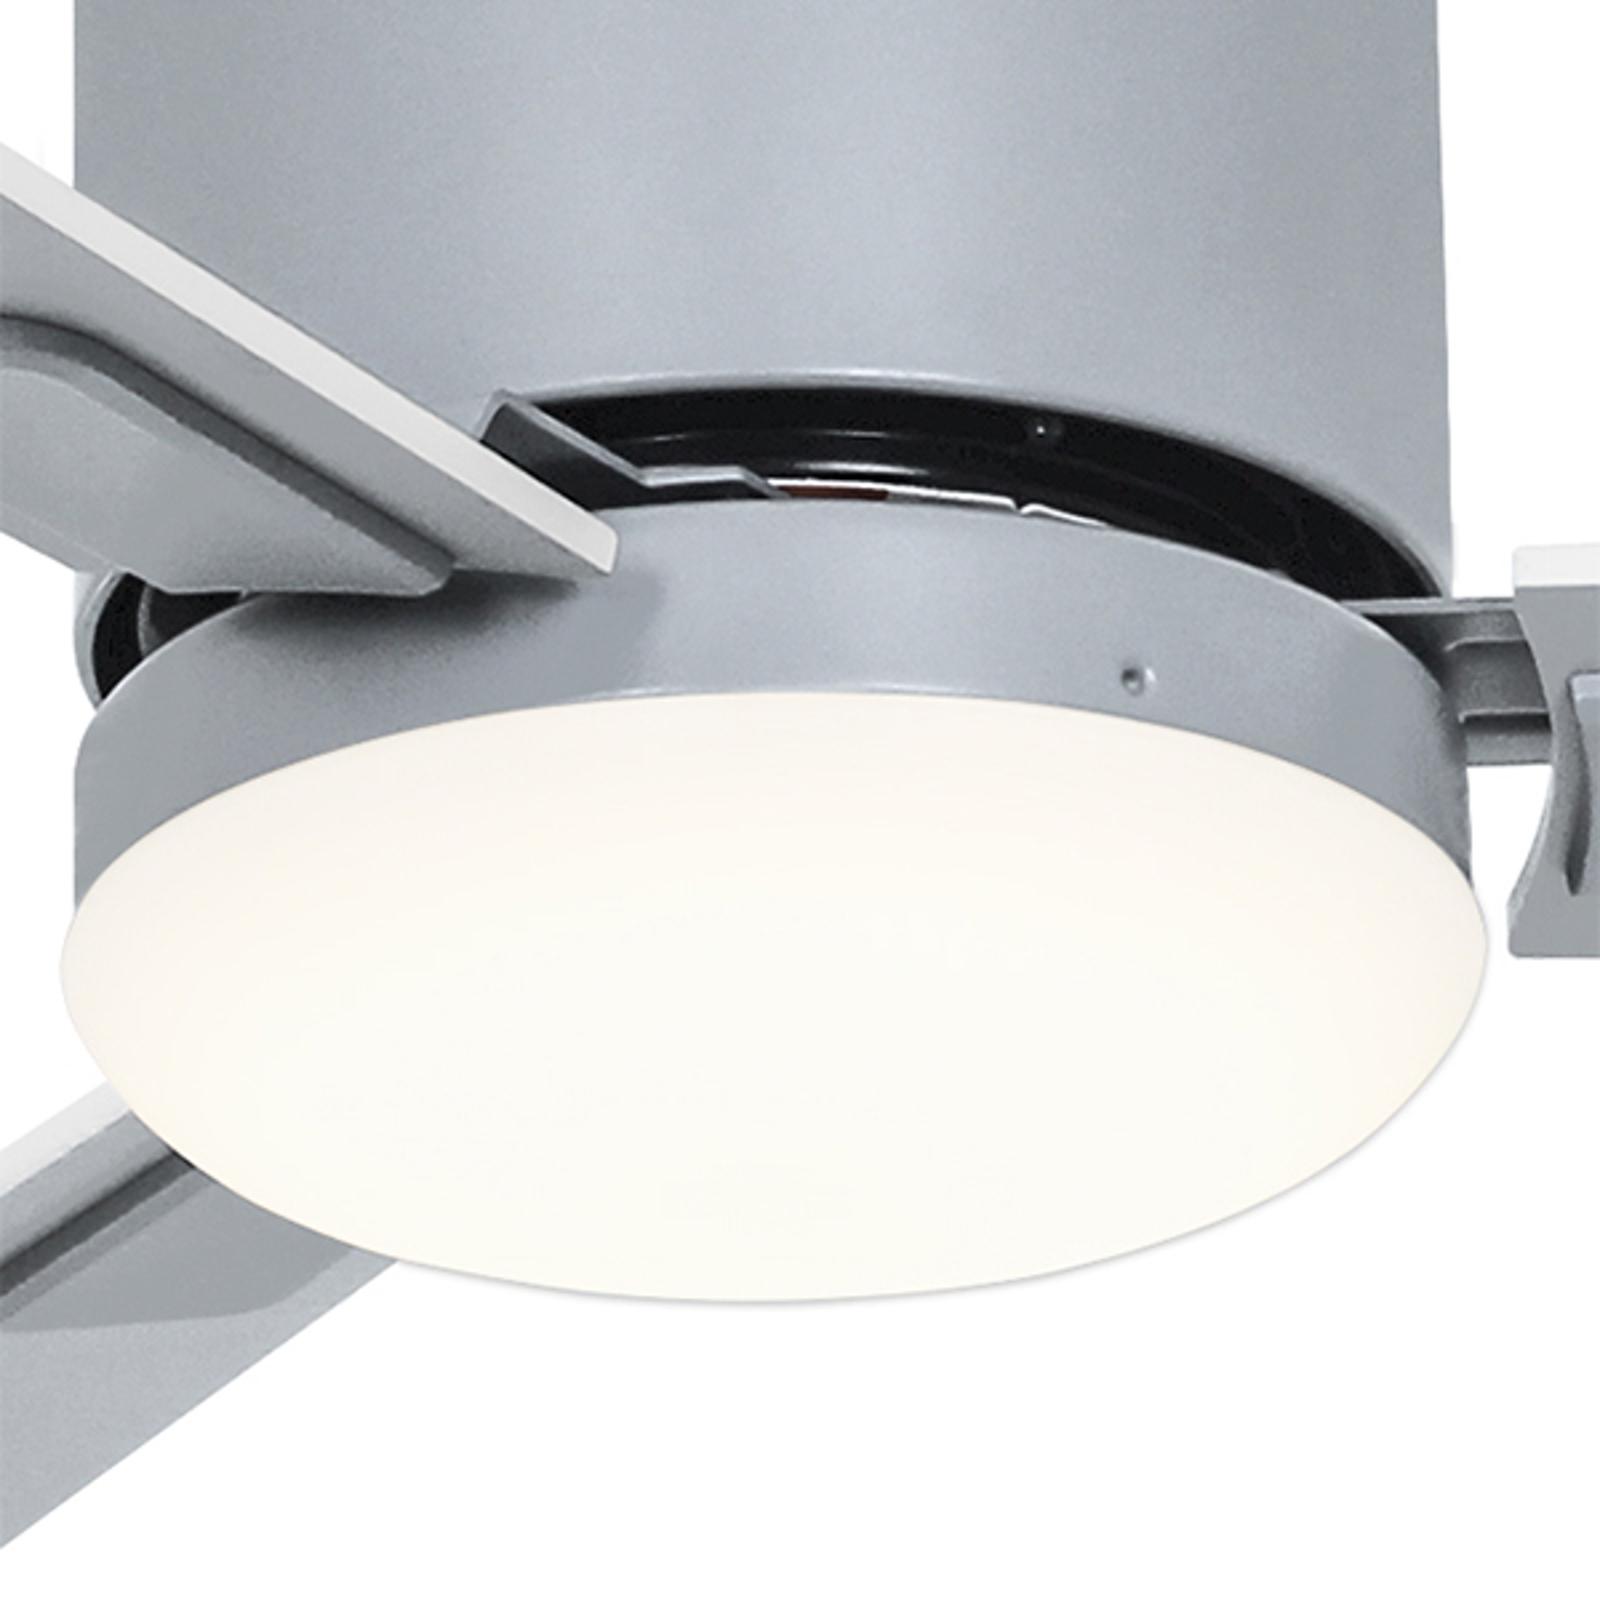 Acquista Plafoniera LED per Eco Concept, rotonda